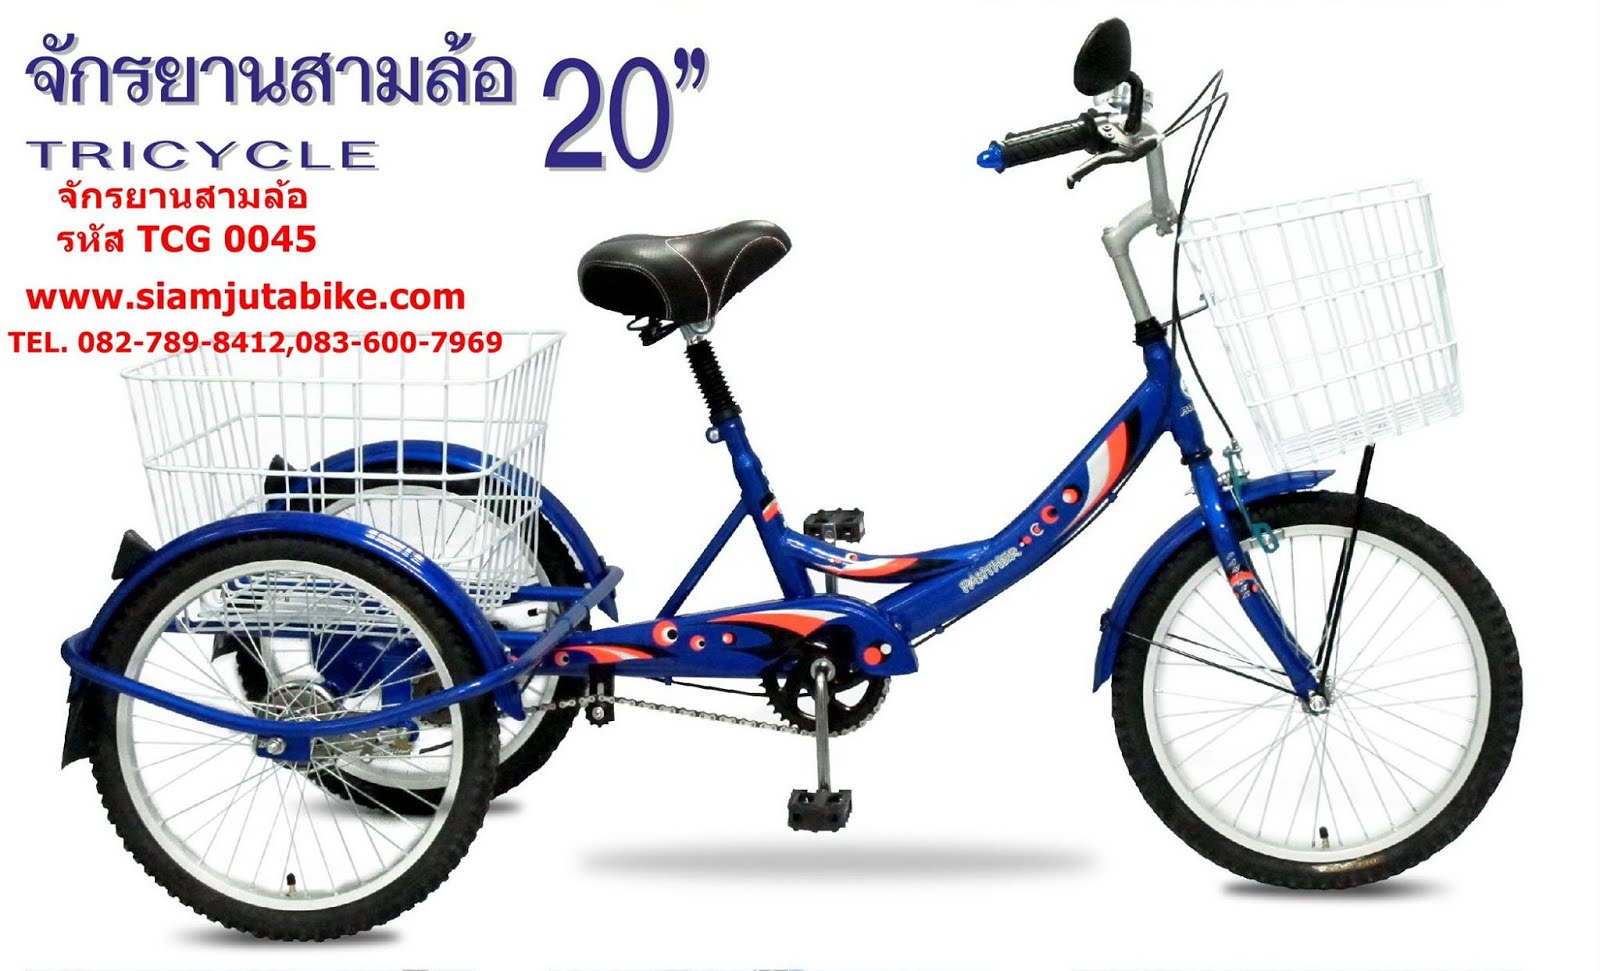 จักรยานสามล้อ รหัสสินค้า TCG 0045